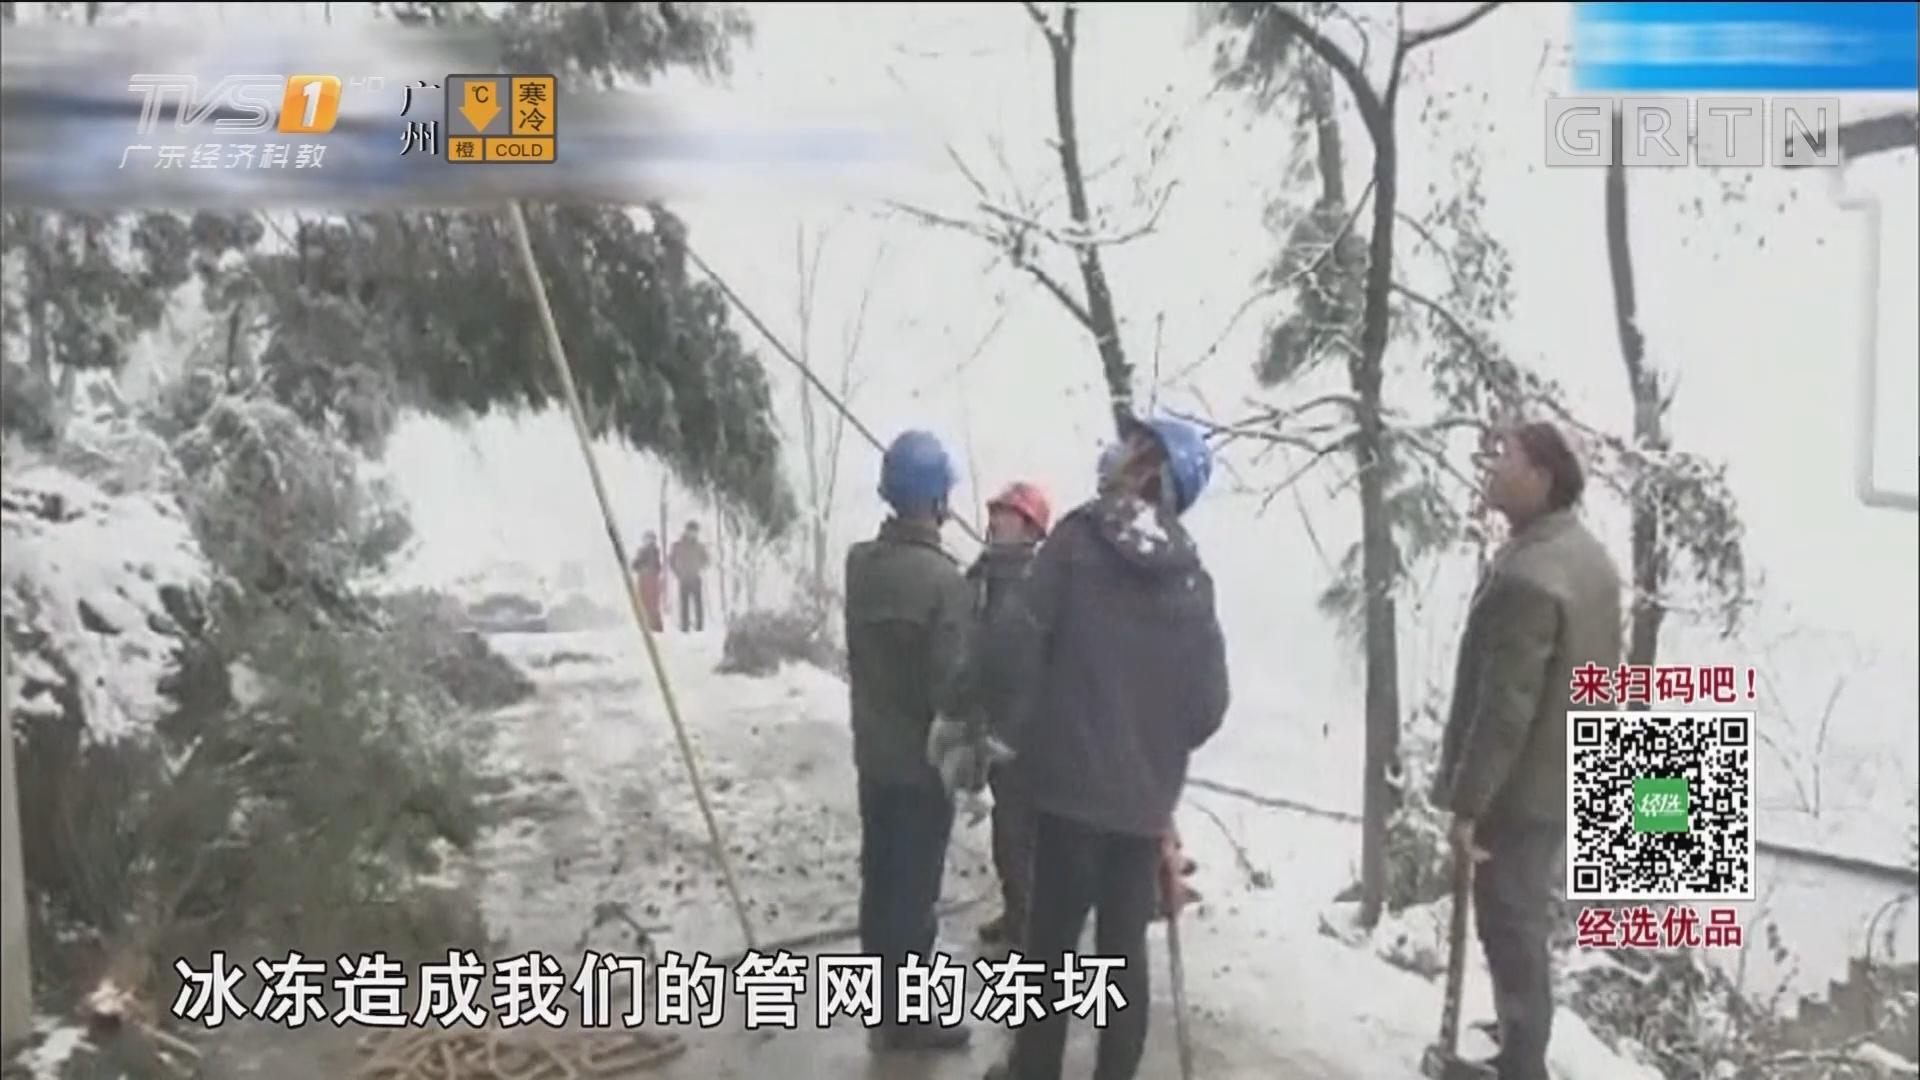 重庆:连日降雪导致两万多户断电